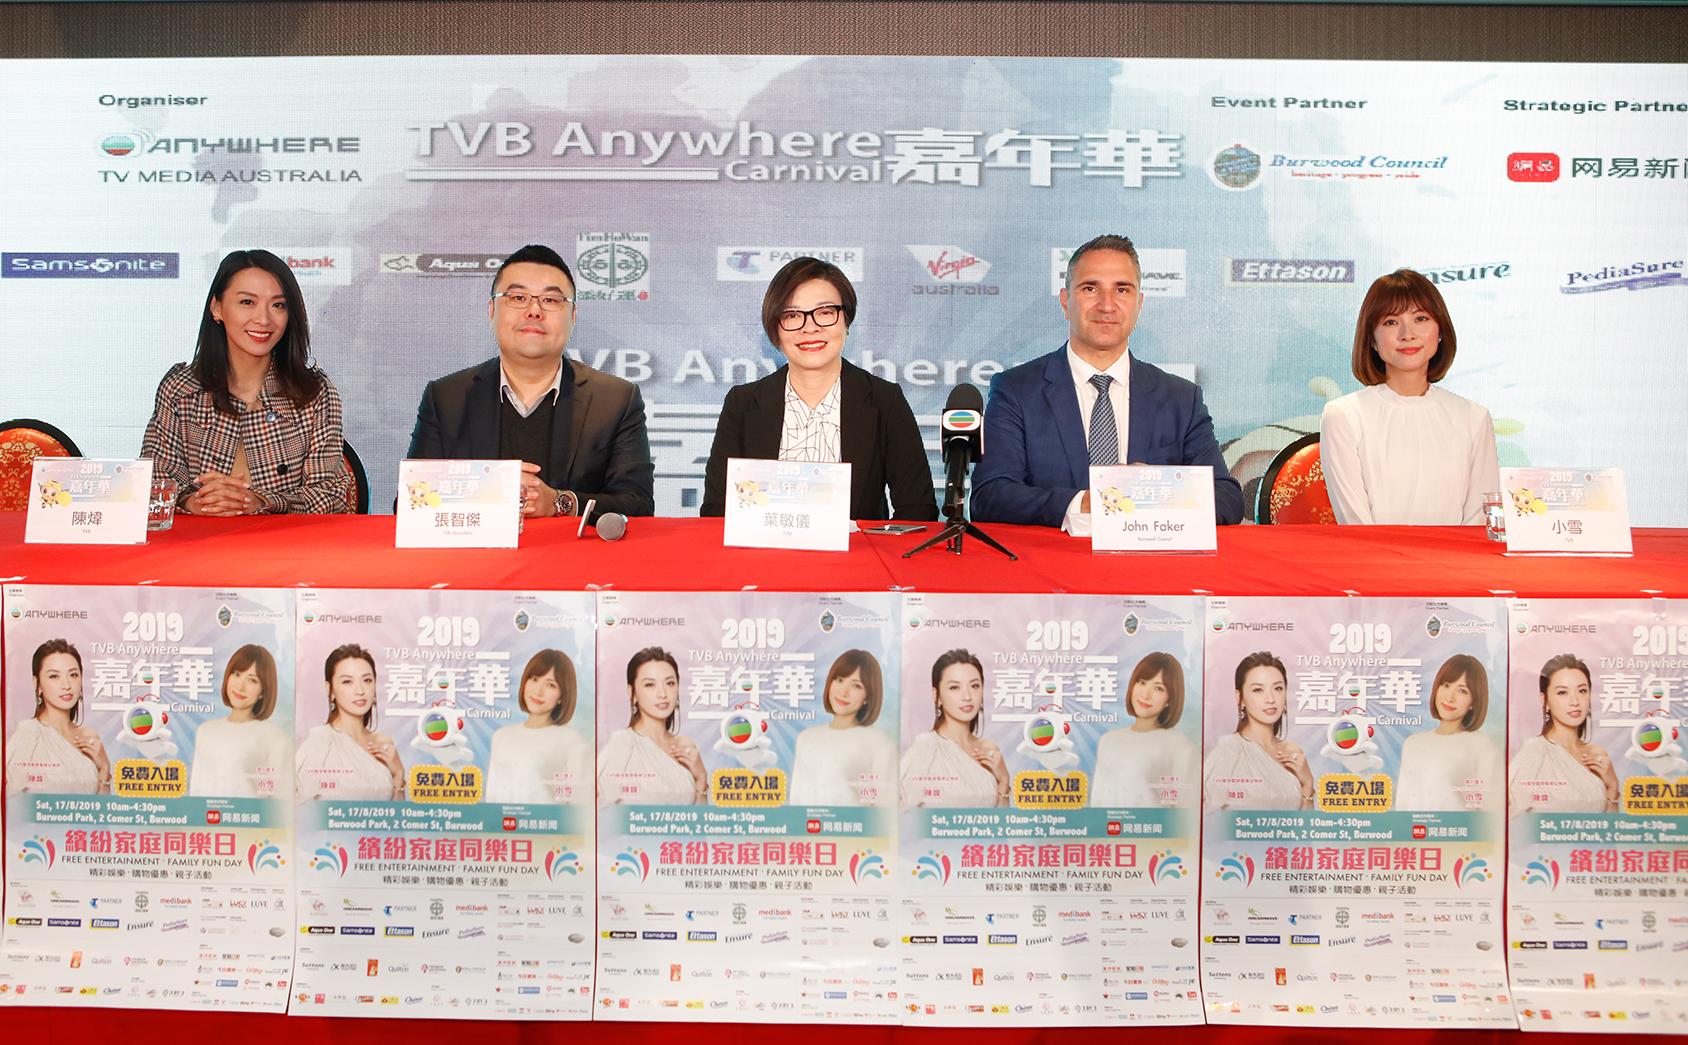 2019 TVB Anywhere嘉年華」盛大開鑼香港TVB紅星陳煒實力歌手小雪